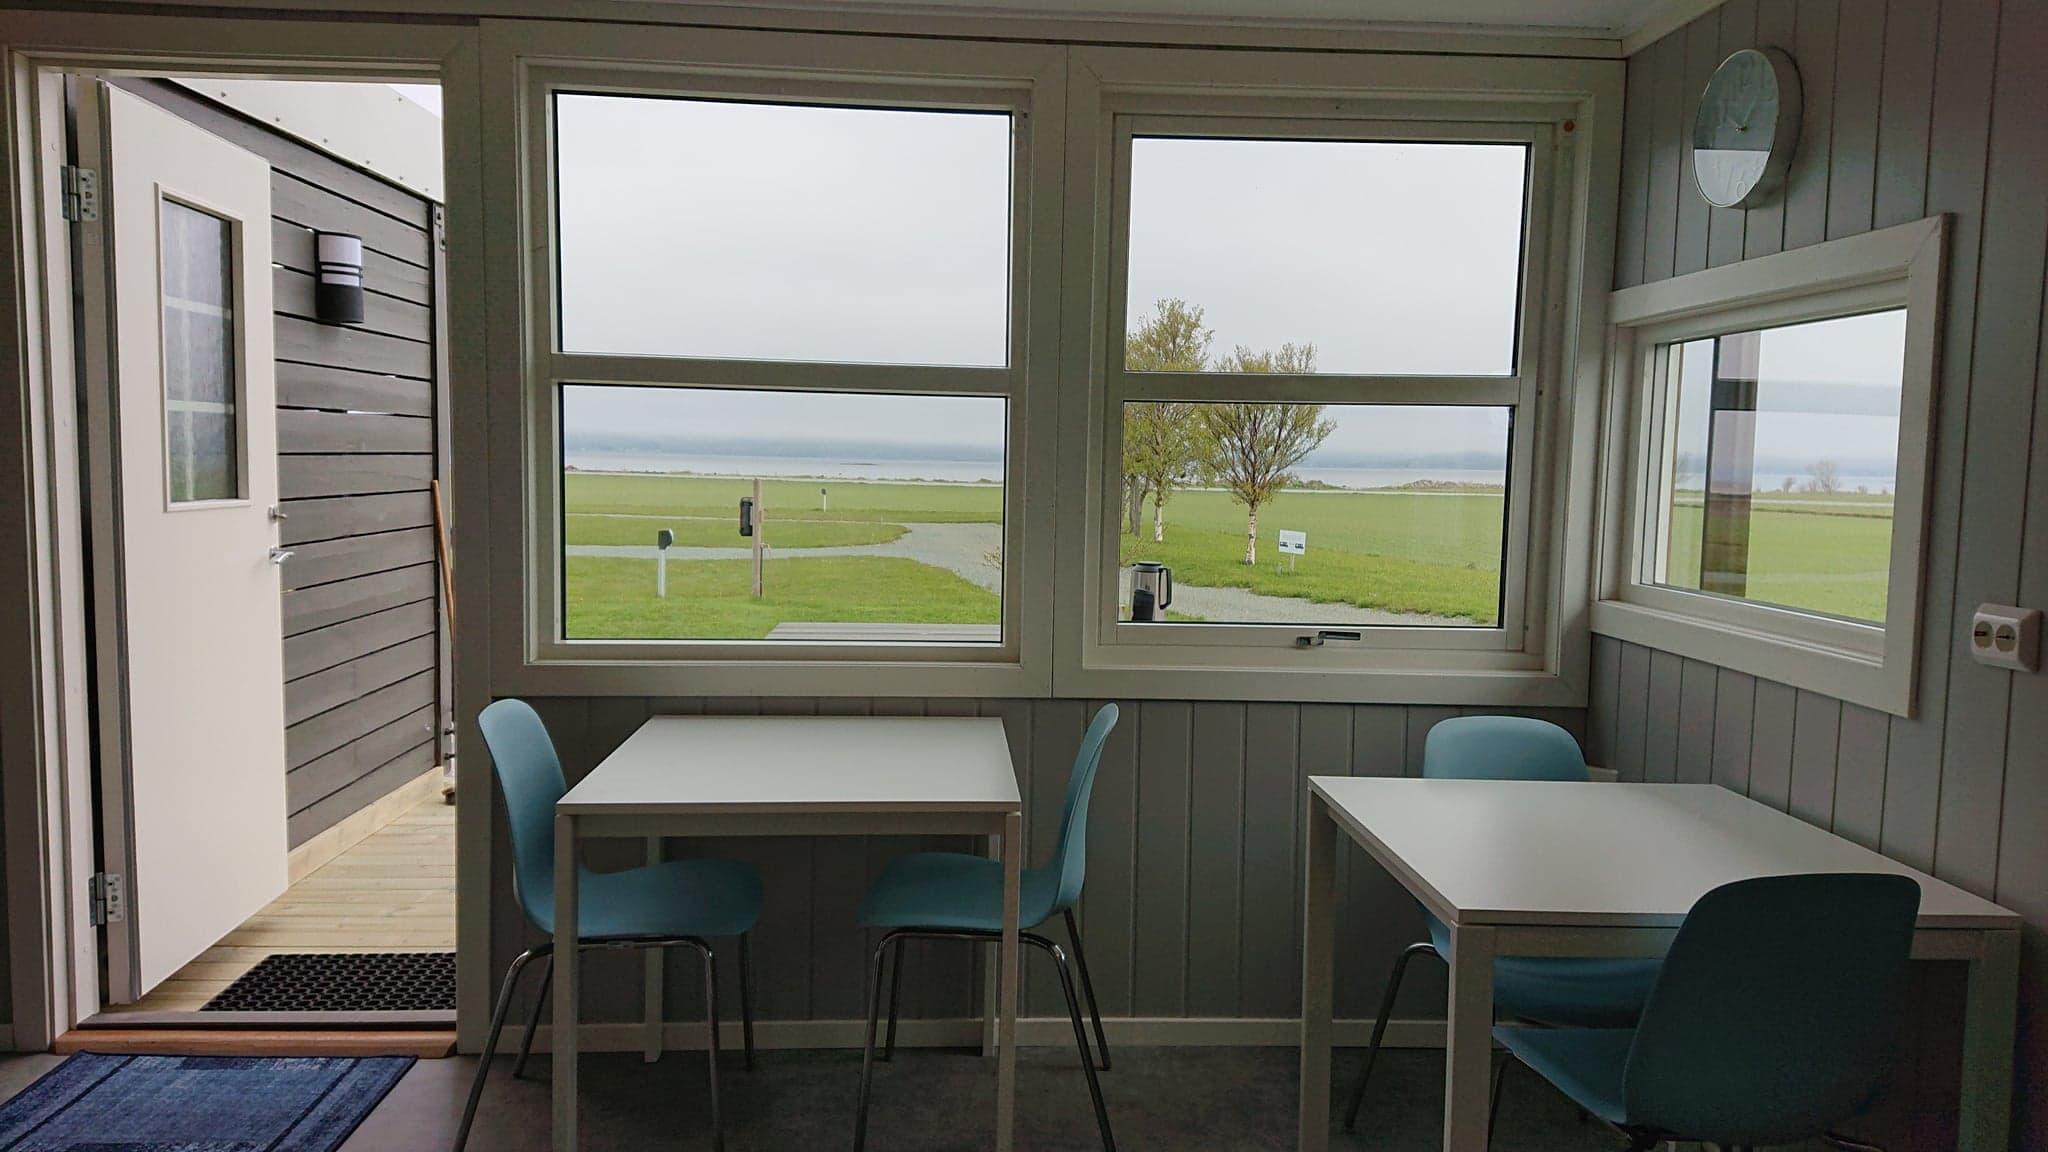 Utsikt fra kjøkkenet / view from kitchen